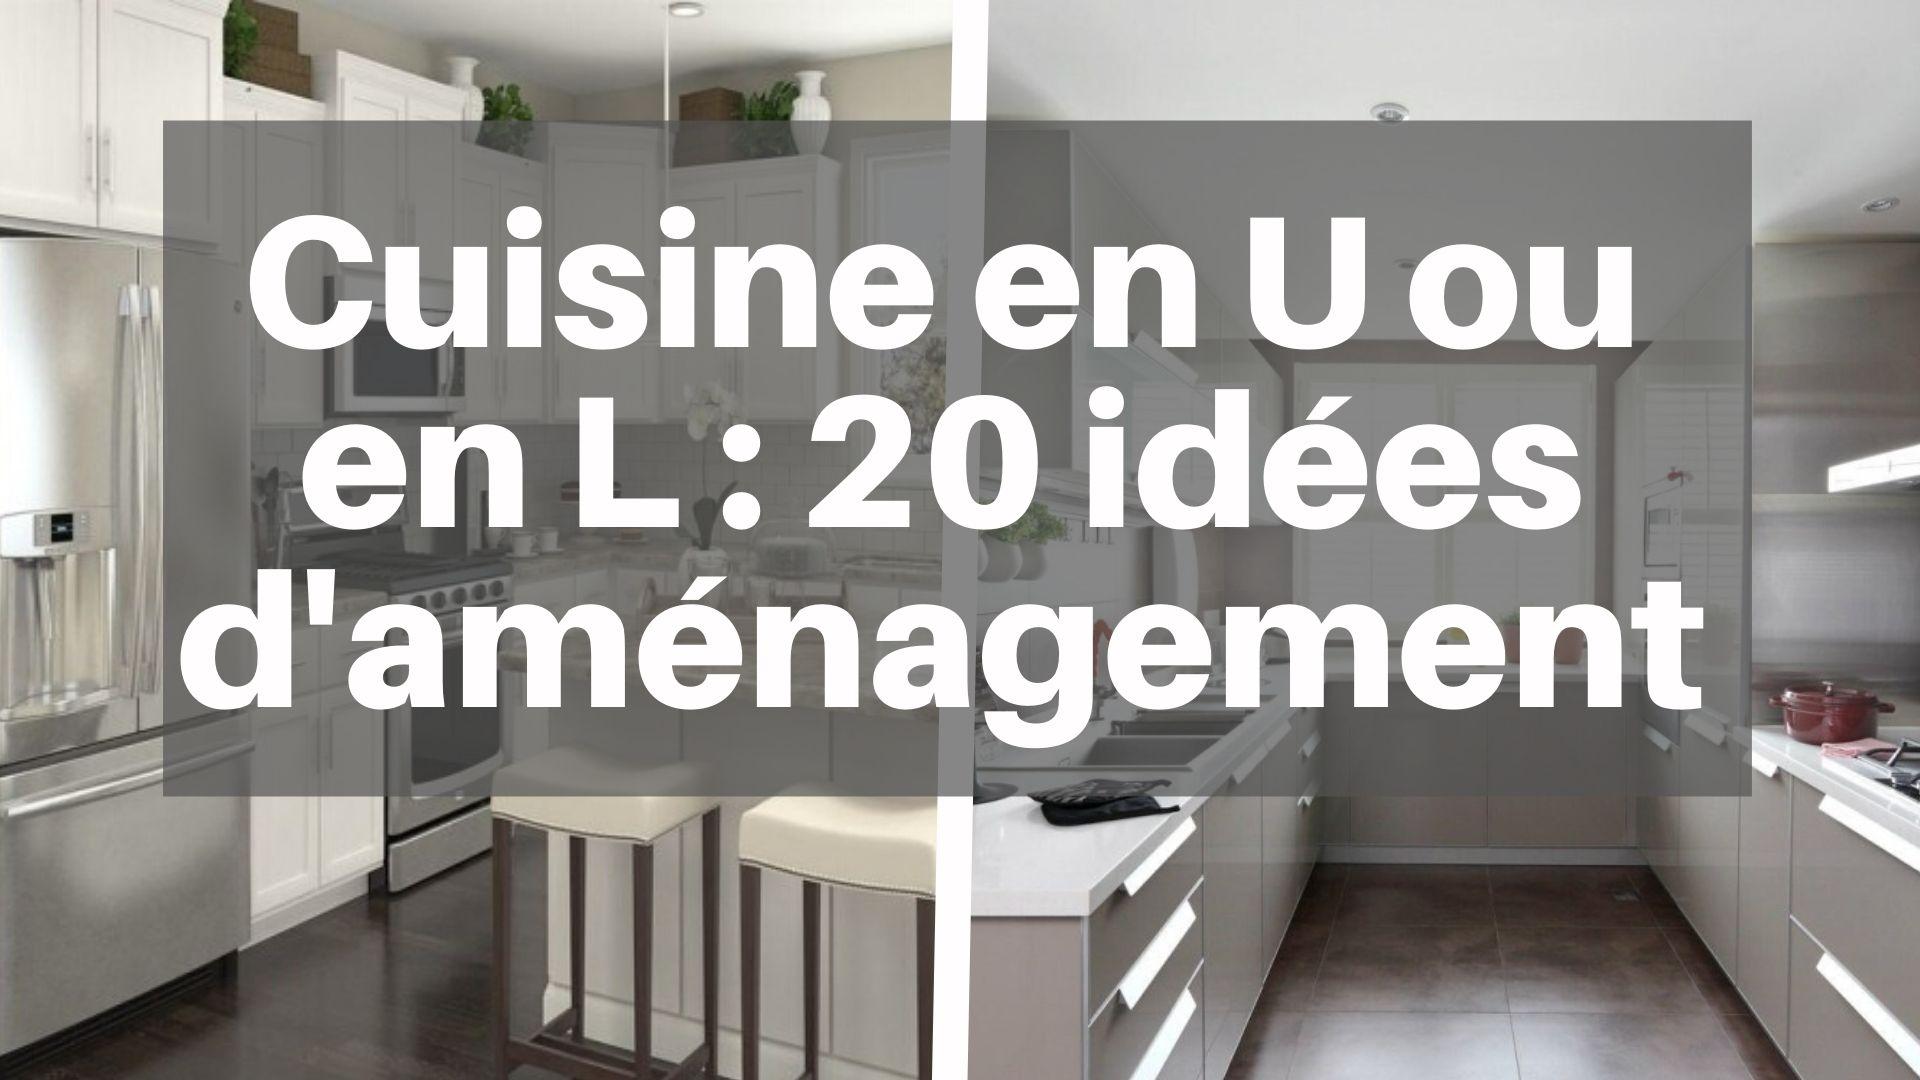 Cuisine en U ou en L  12 idées d'aménagement